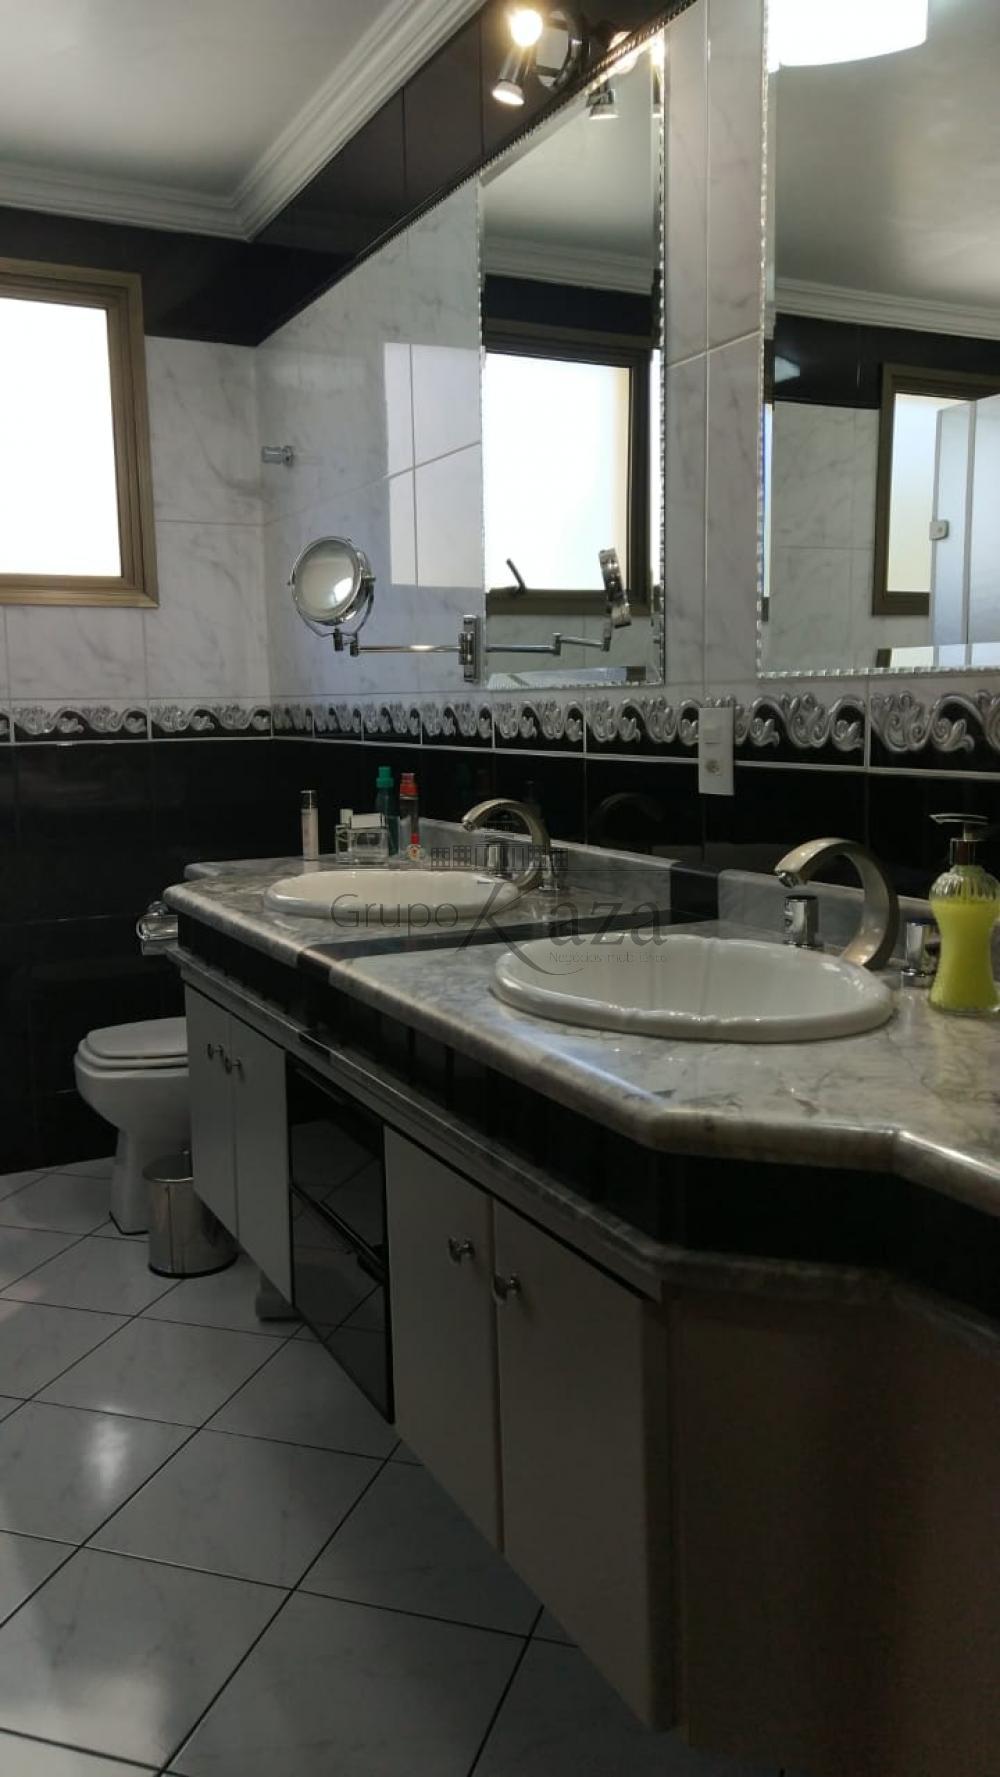 Comprar Apartamento / Padrão em São José dos Campos apenas R$ 1.500.000,00 - Foto 30